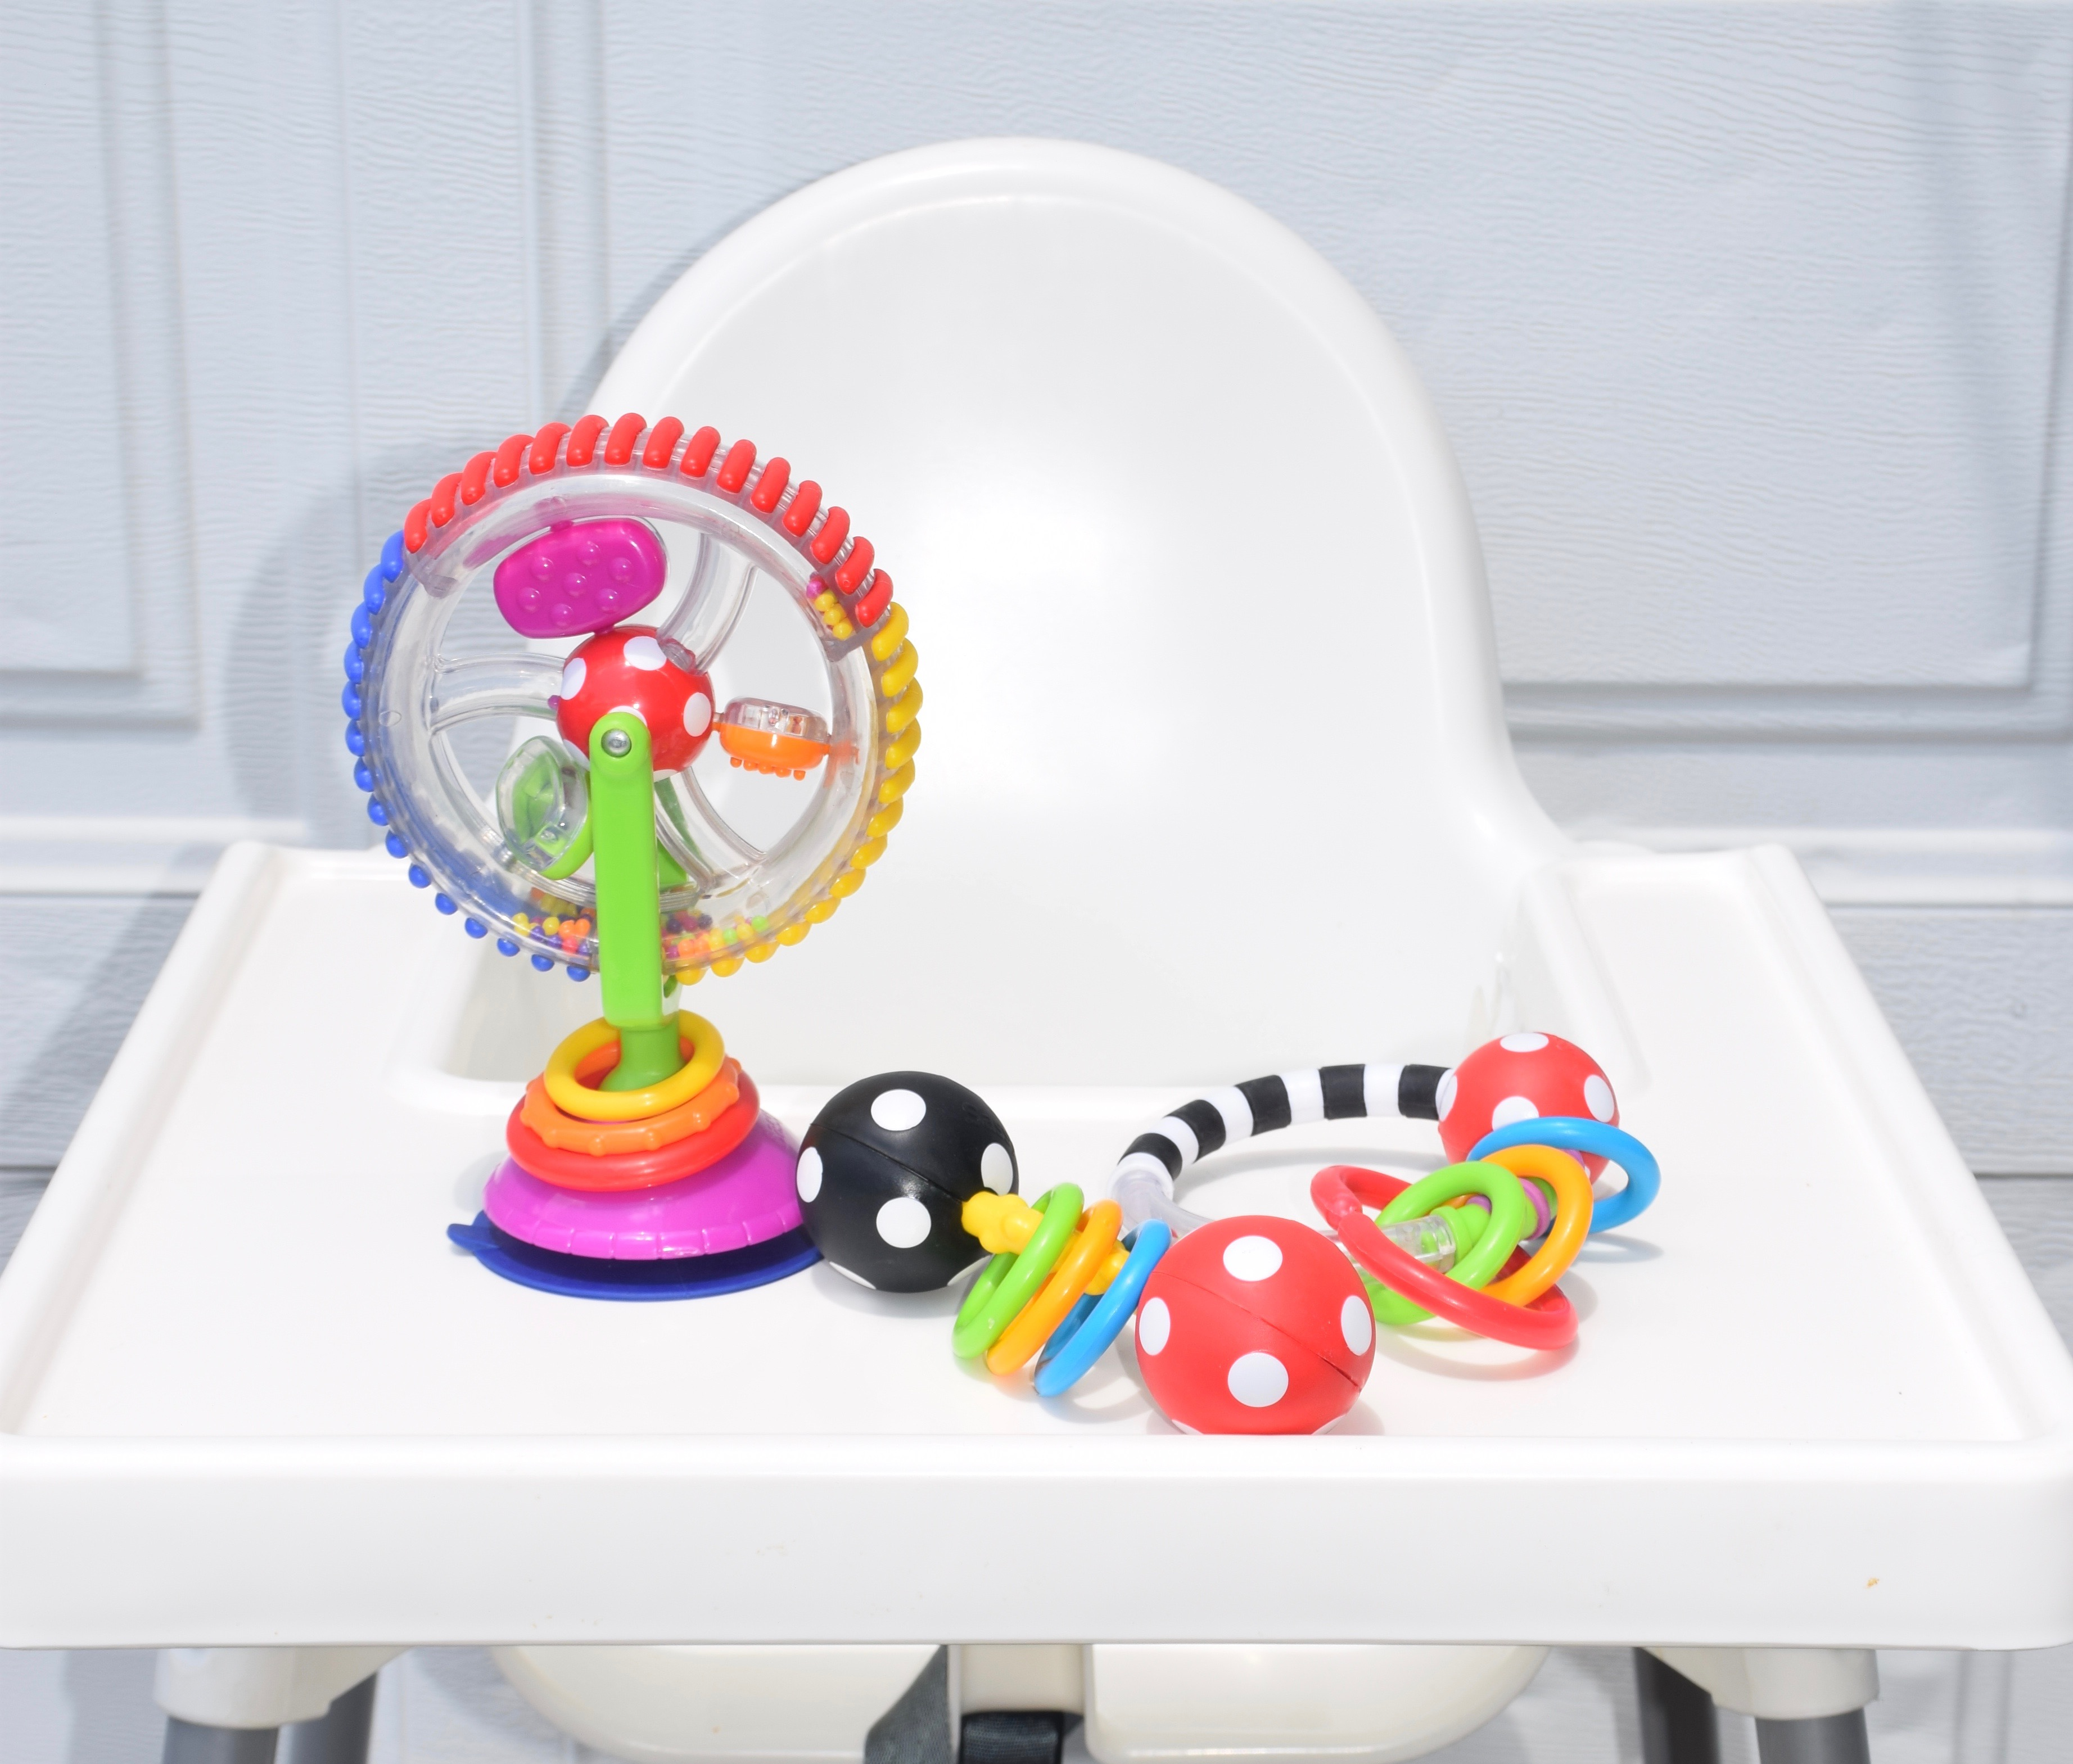 Sassy Toys